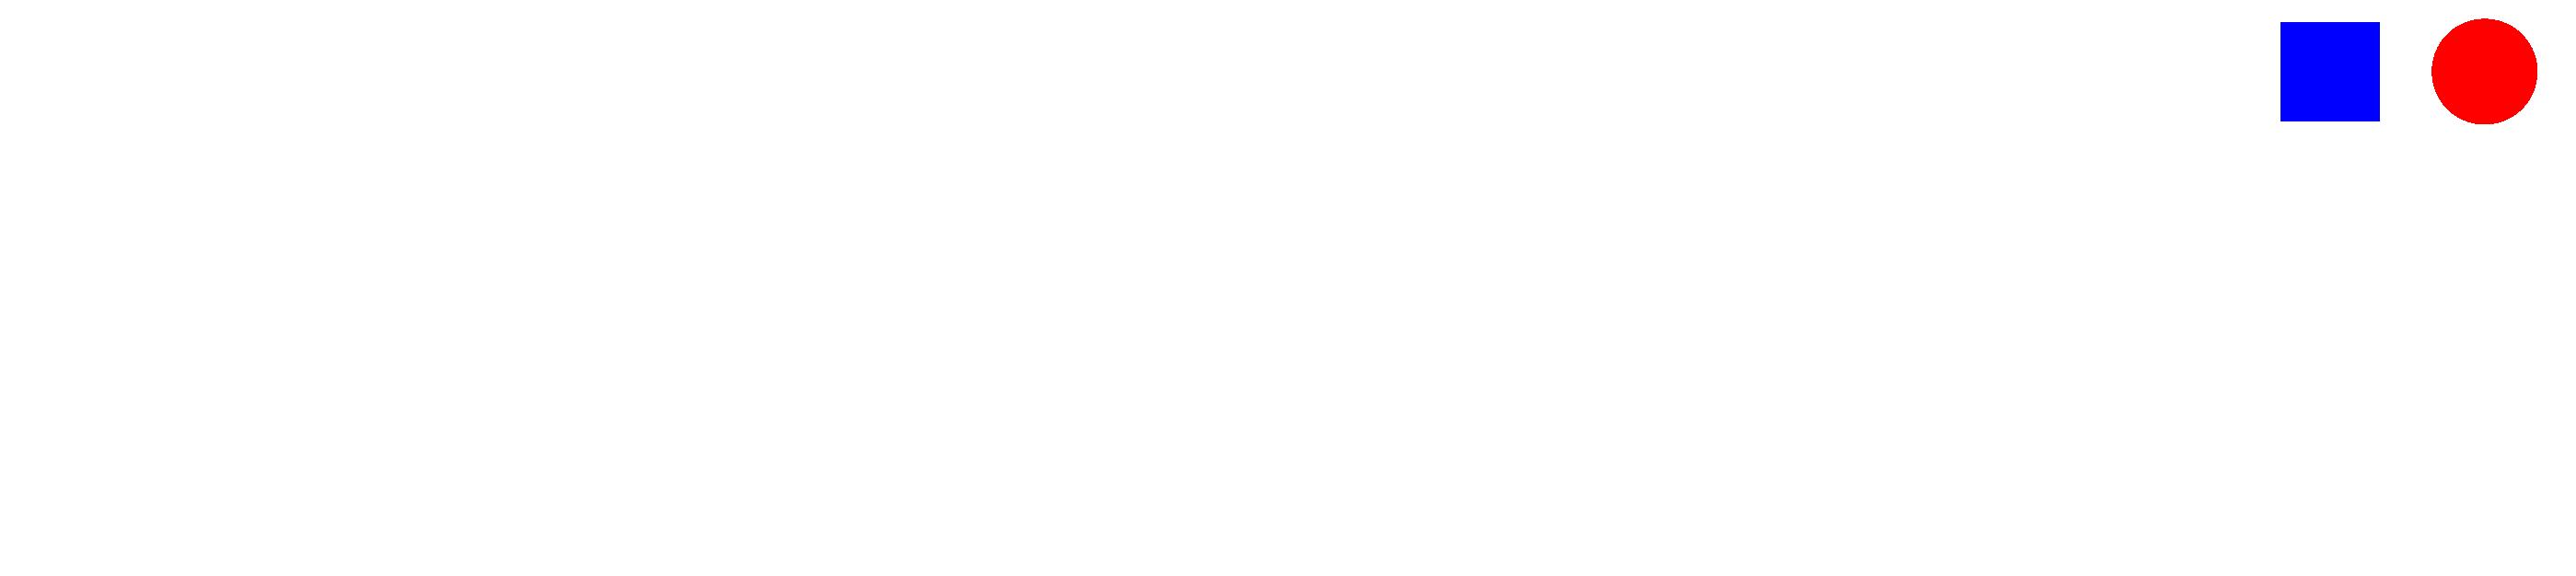 dmexco logo white